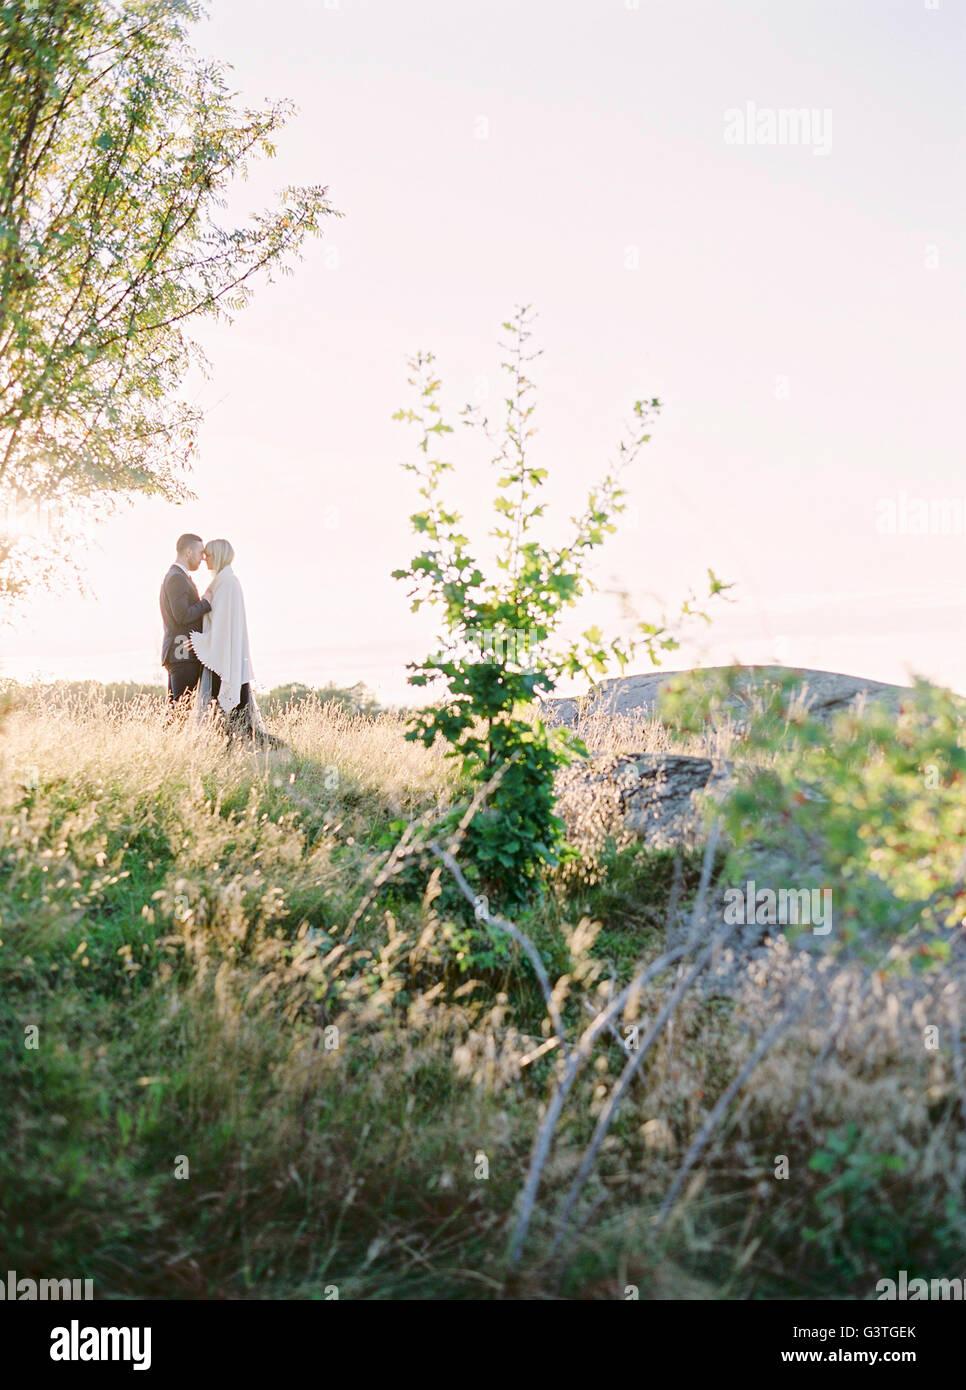 La Svezia, la sposa e lo sposo in piedi faccia a faccia in erba Immagini Stock